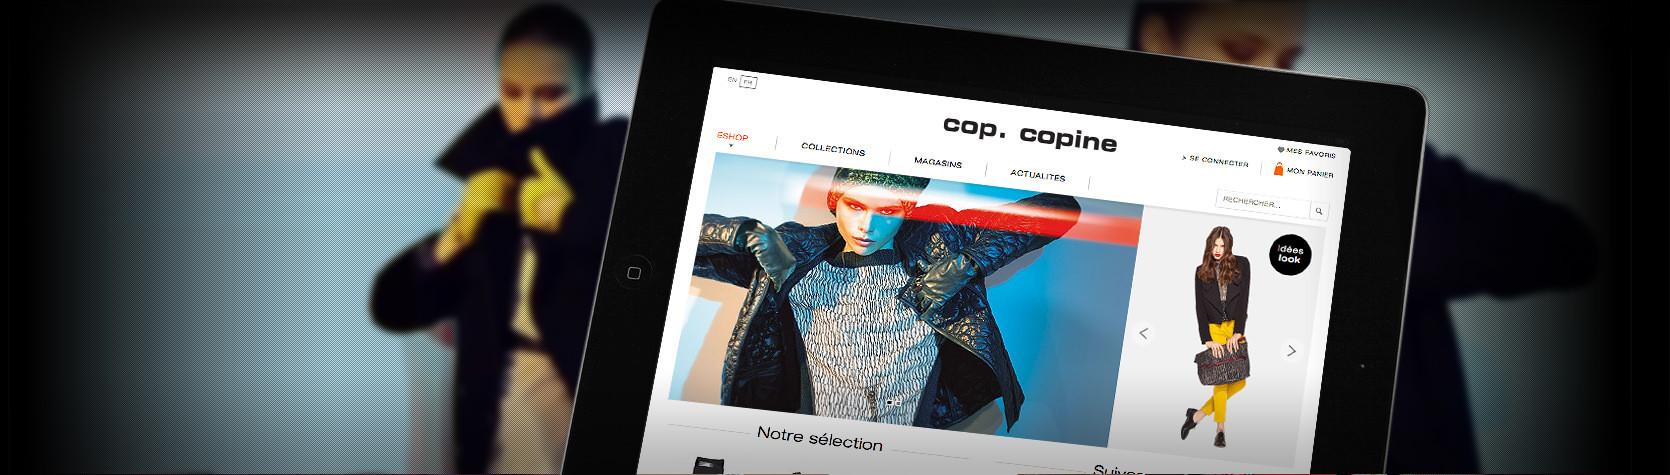 Création du site E-Commerce Cop Copine sous Magento par l'Agence Dn'D